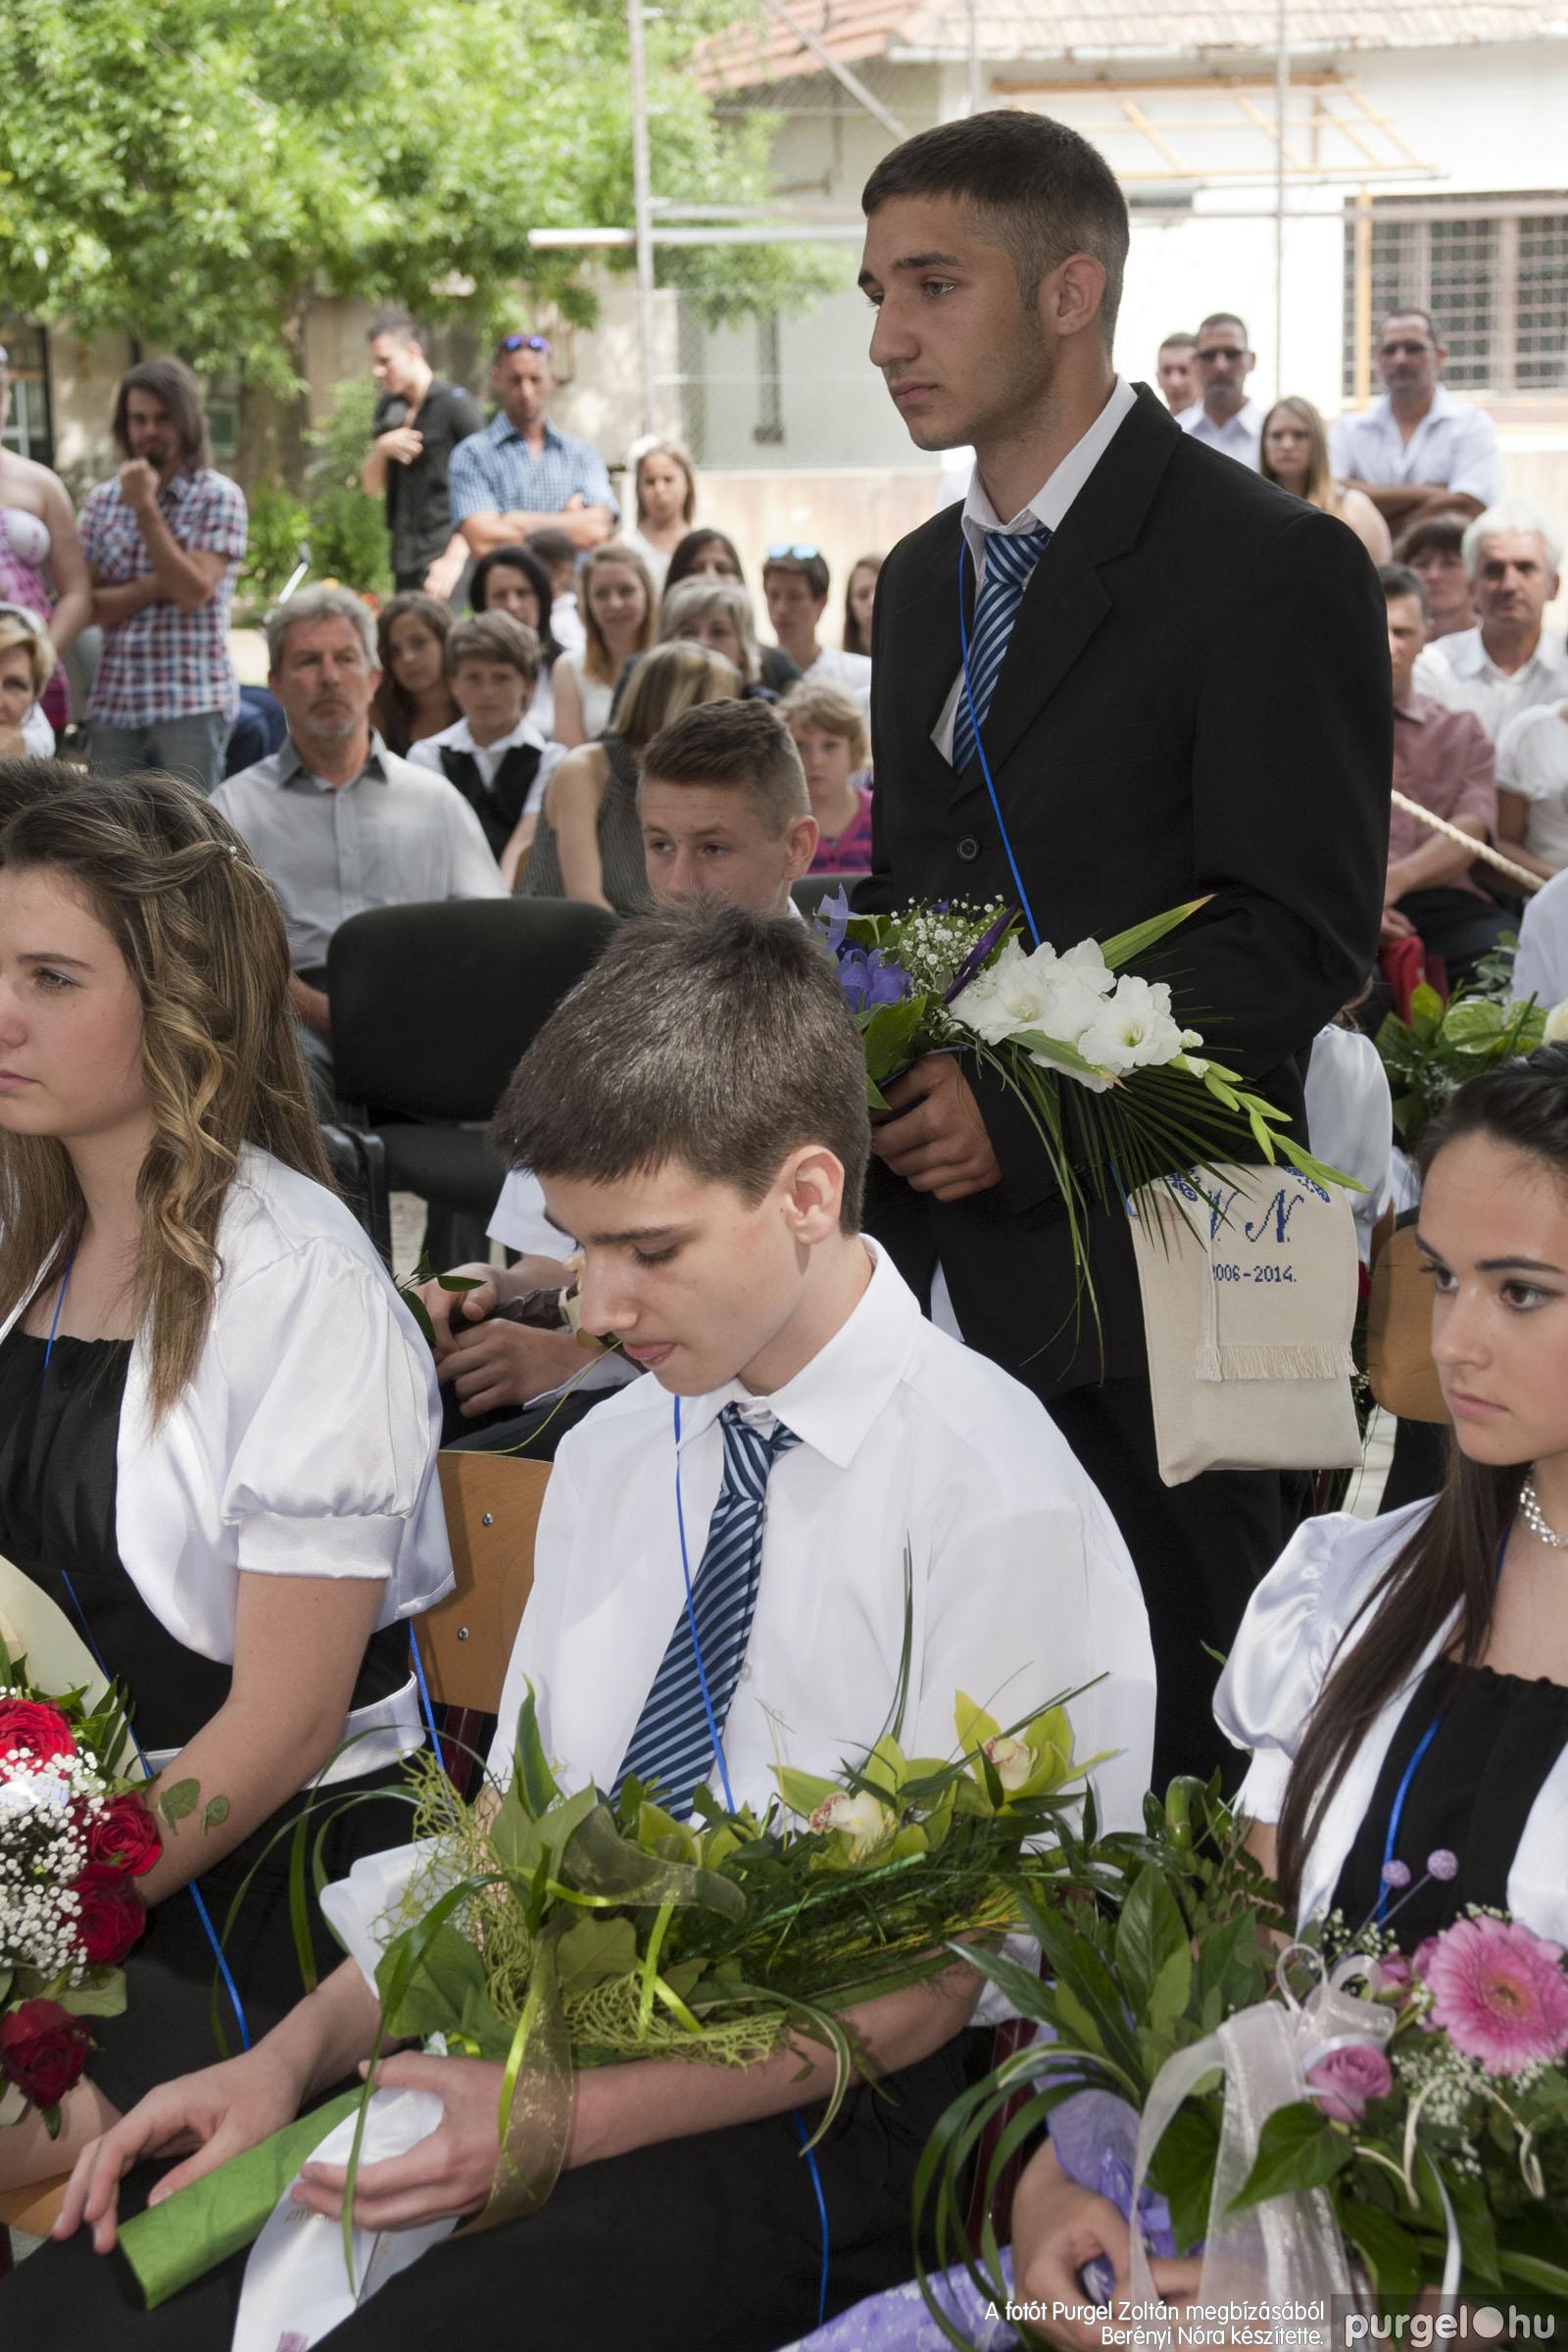 2014.06.14. 213 Forray Máté Általános Iskola ballagás 2014. - Fotó:BERÉNYI NÓRA© _MG_5859.jpg